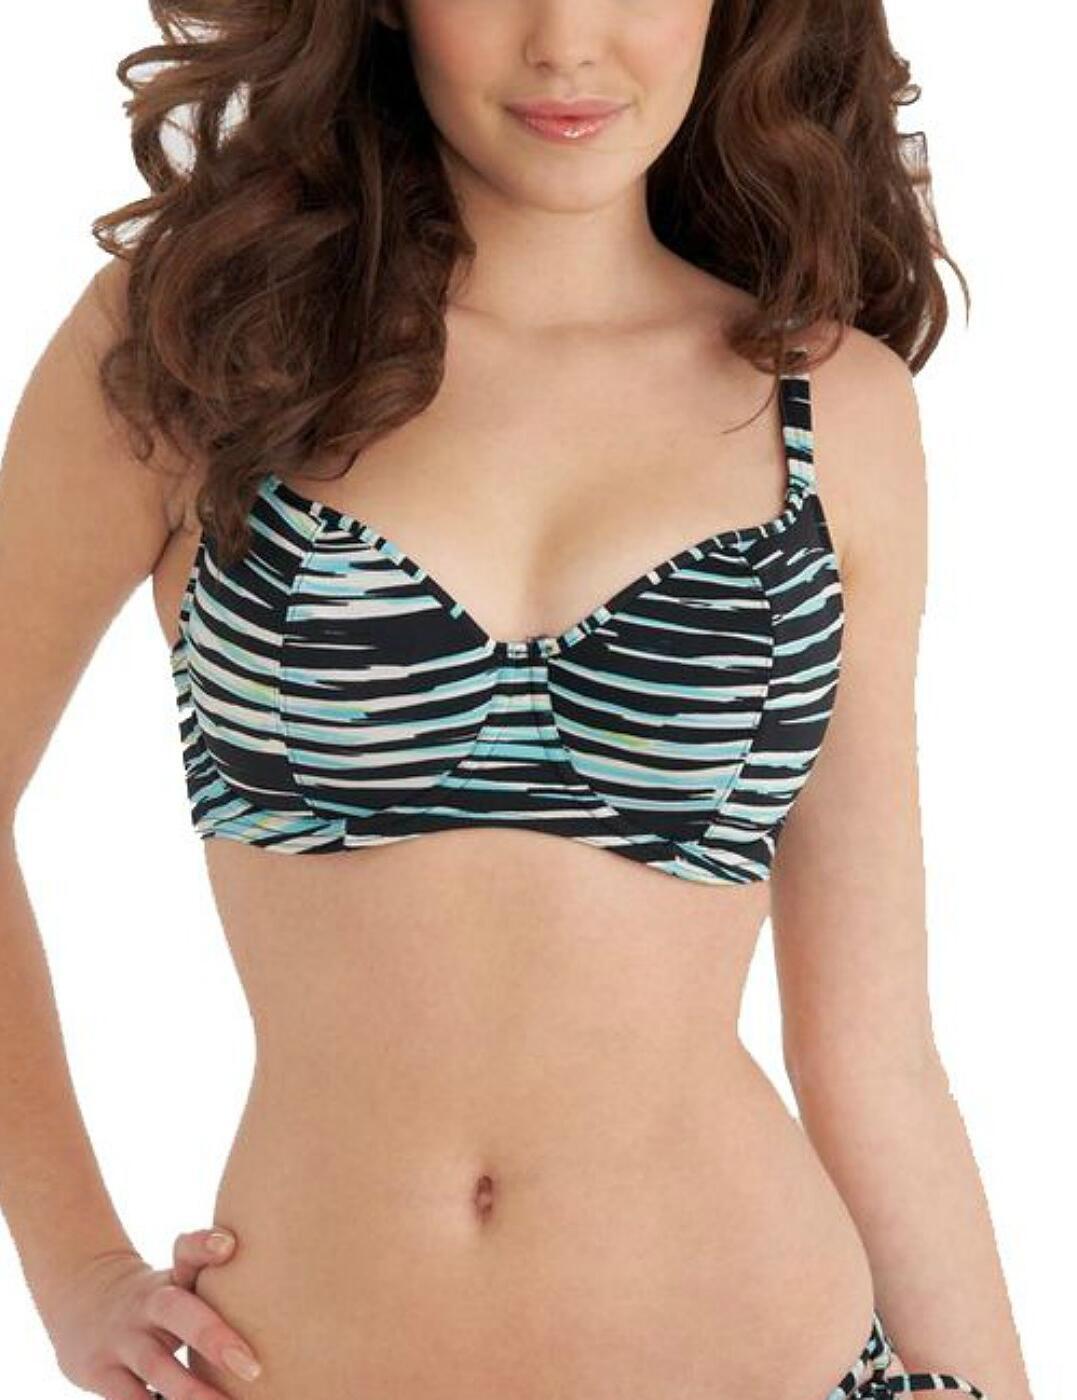 3128 Freya Illusion Underwired Plunge Bikini Top - 3128 Black